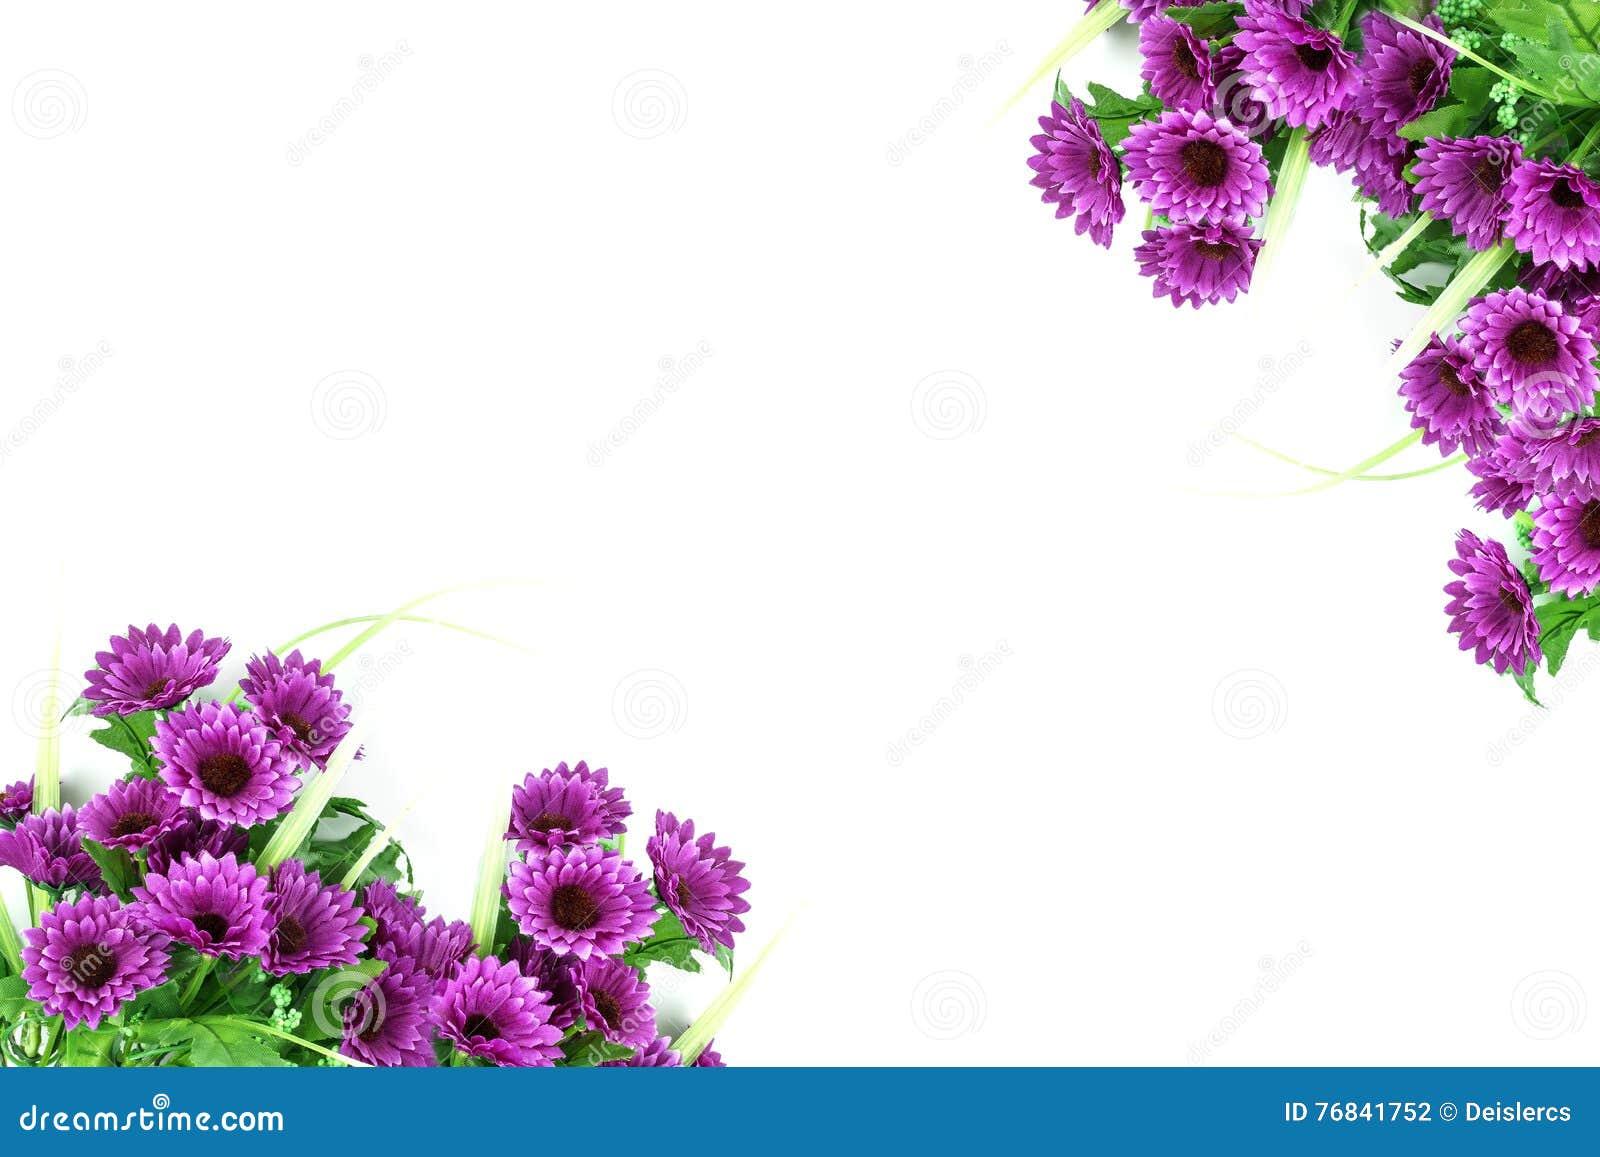 Purple Flower Wallpaper Border Corner Background On Whi Stock